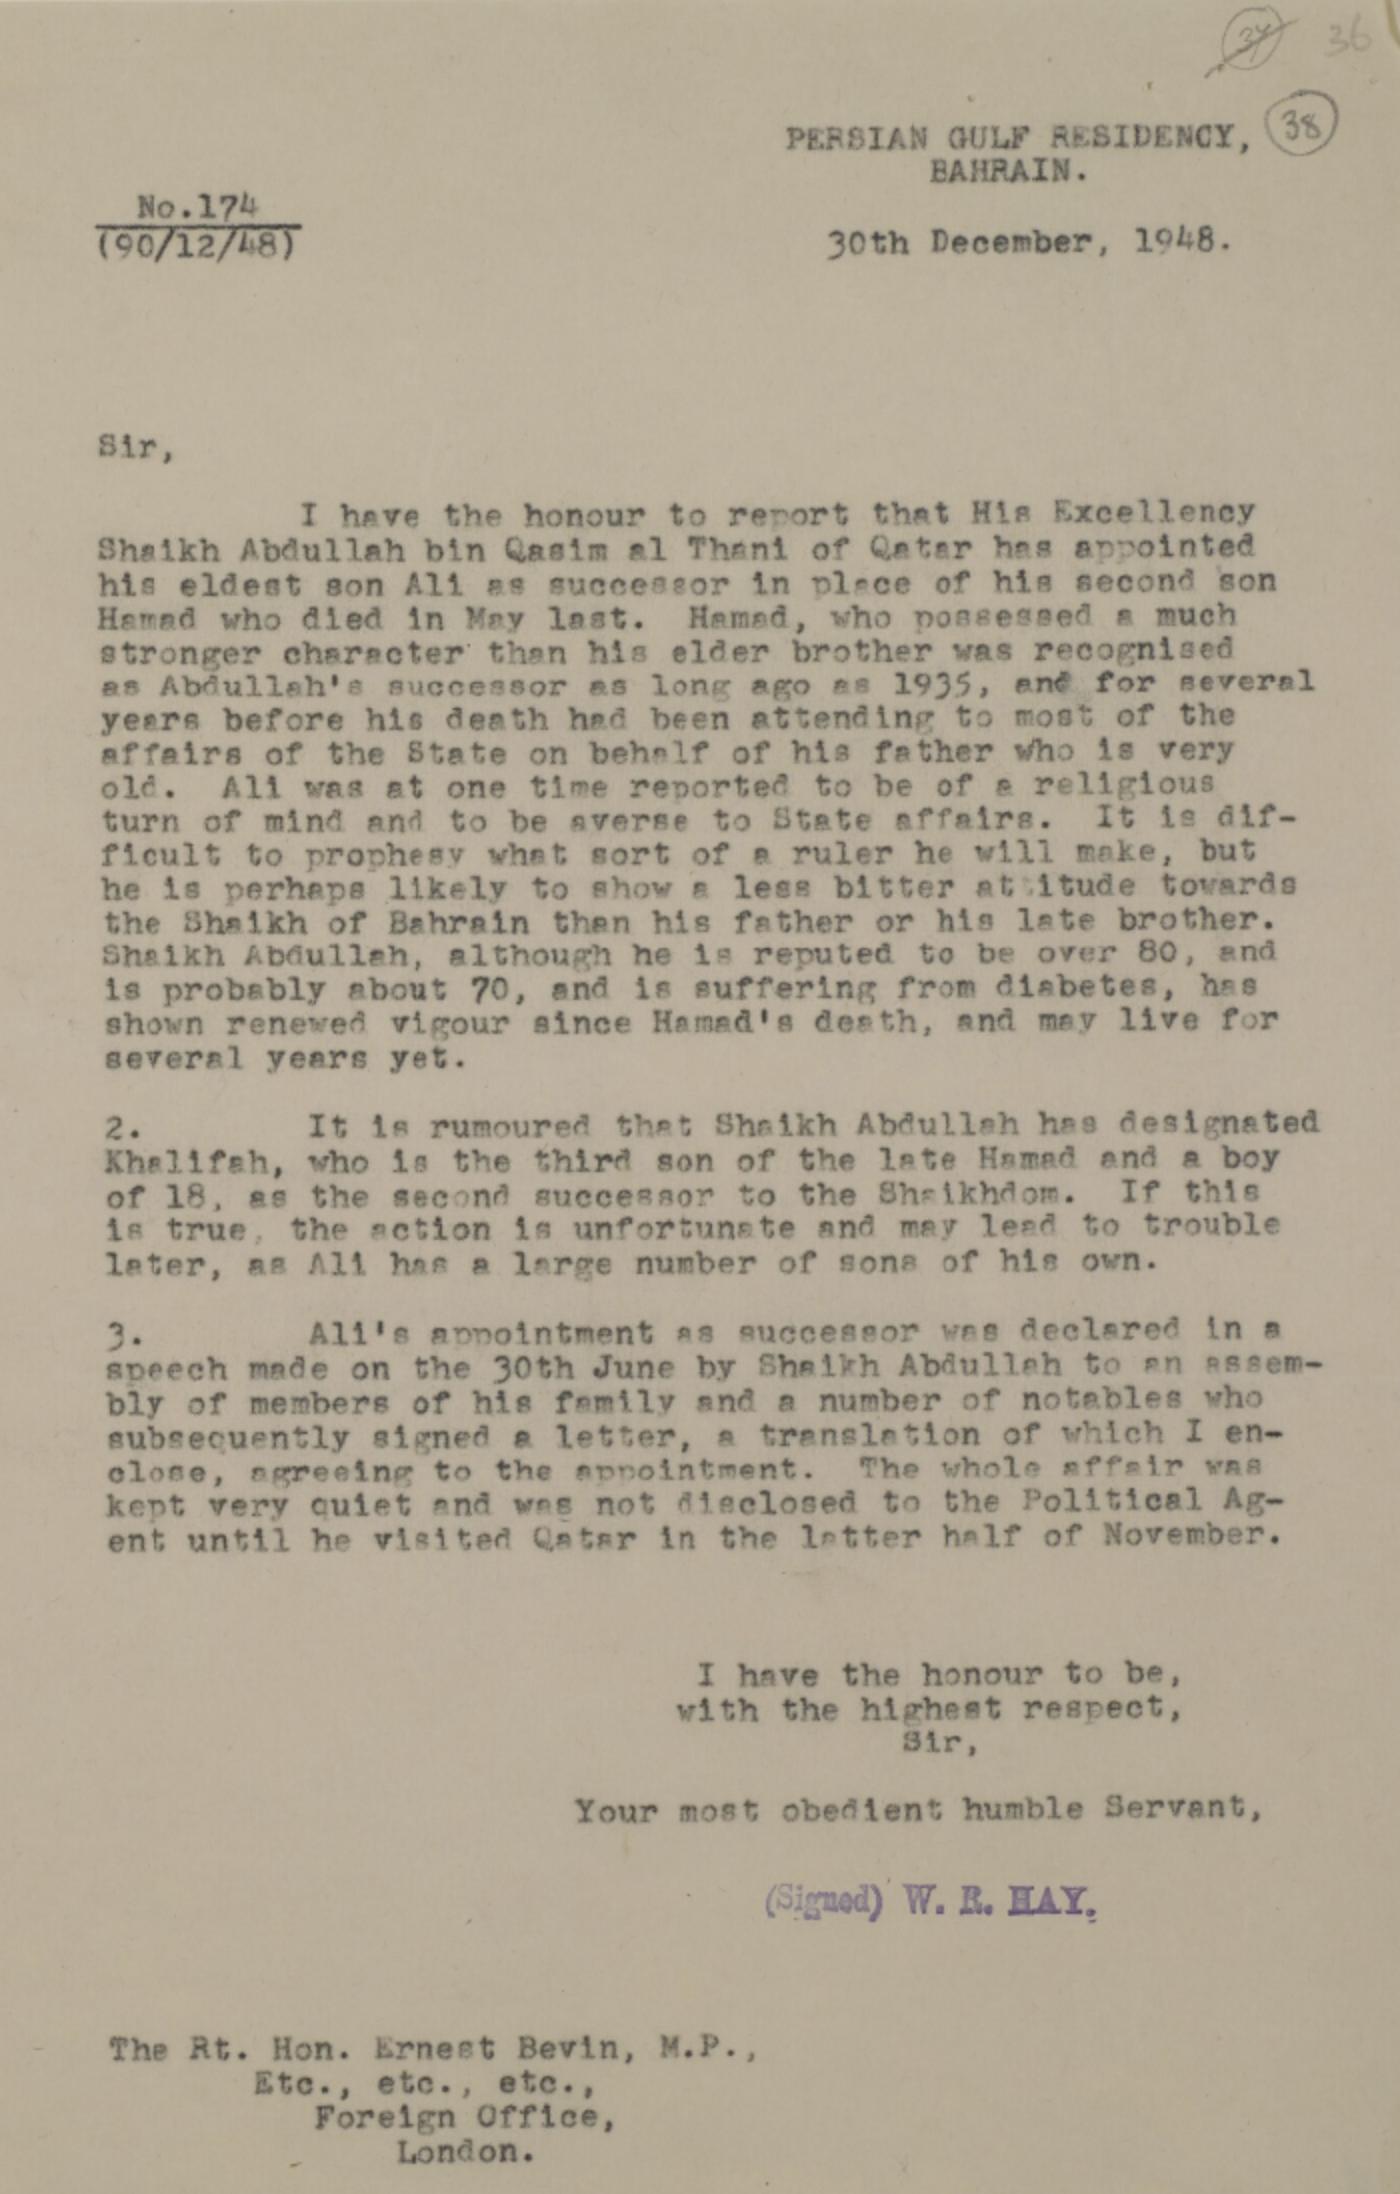 Britisk vurdering av Ali, og ryktene om Khalifa som etterfølgjar og problem det kan føre til. ( IOR/R/15/2/609 )